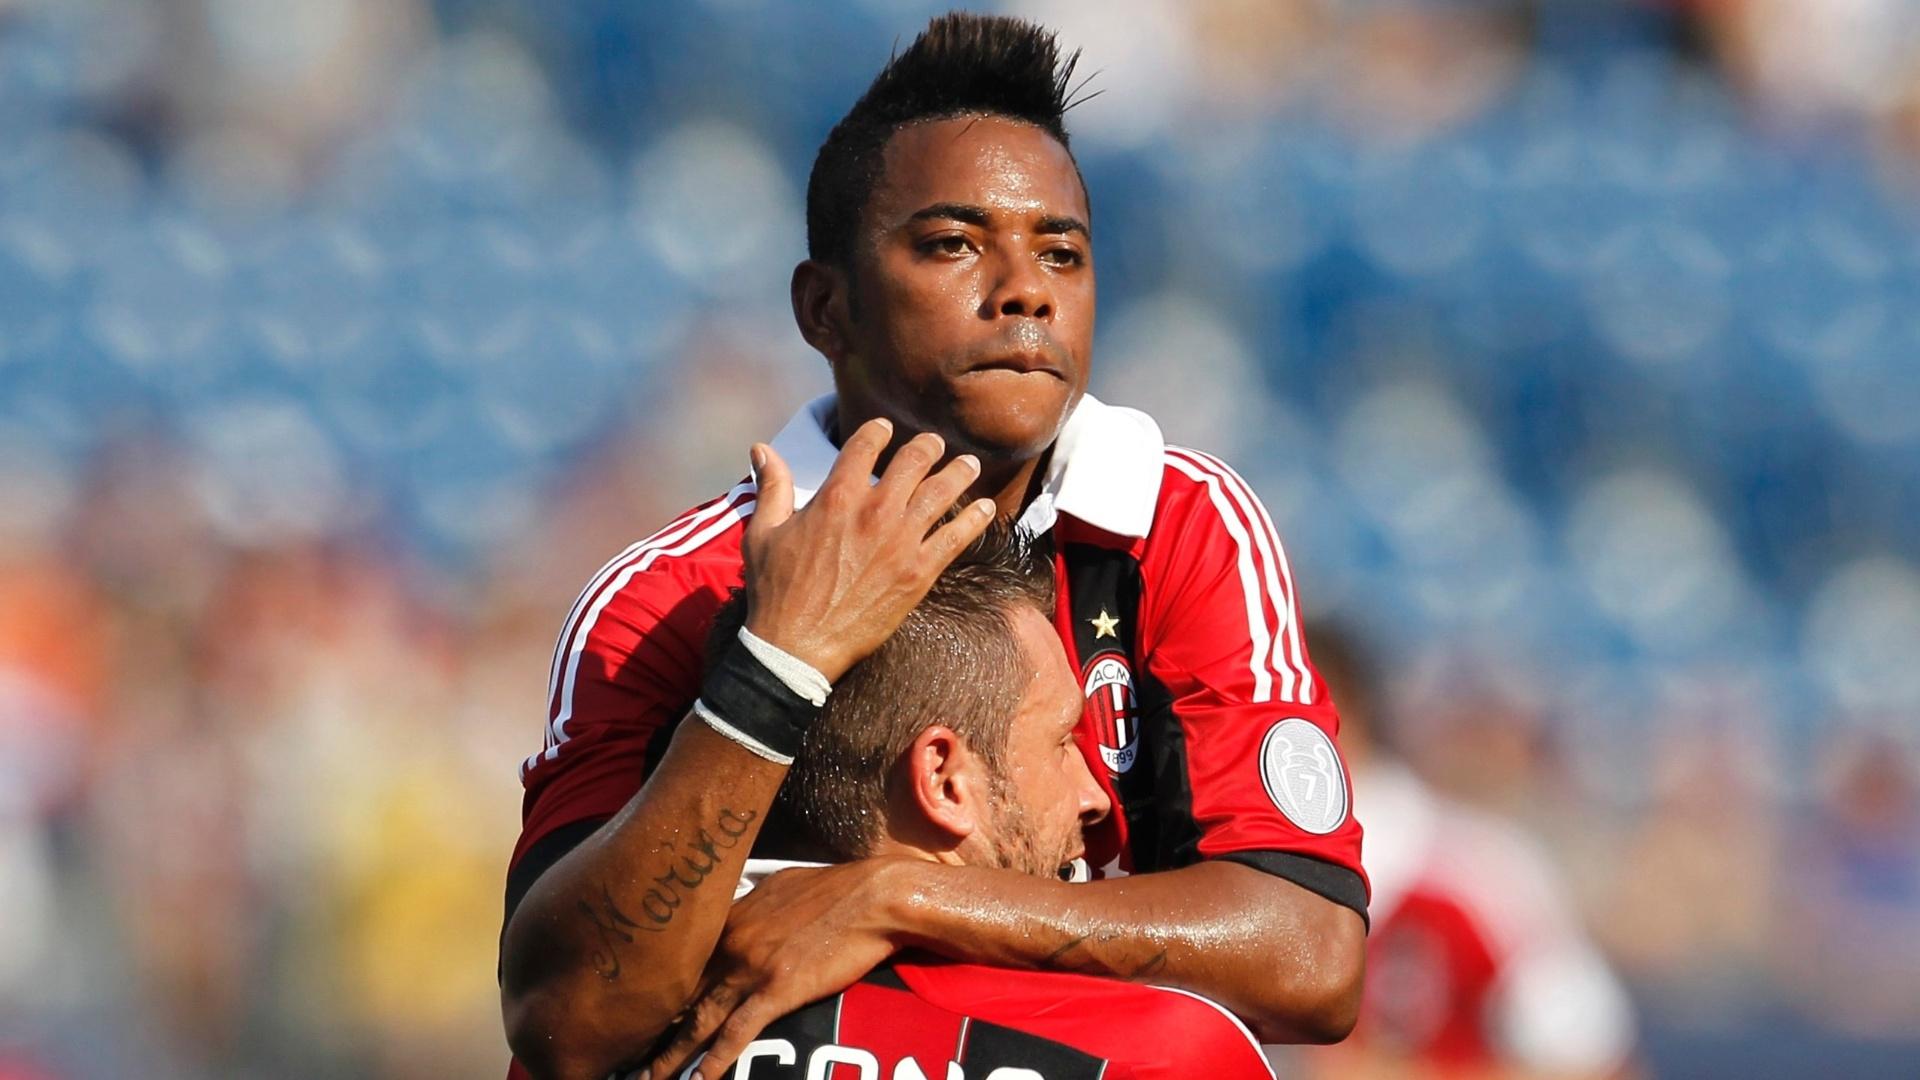 Atacante brasileiro Robinho comemora gol em amistoso do Milan contra o Olimpia, de Honduras